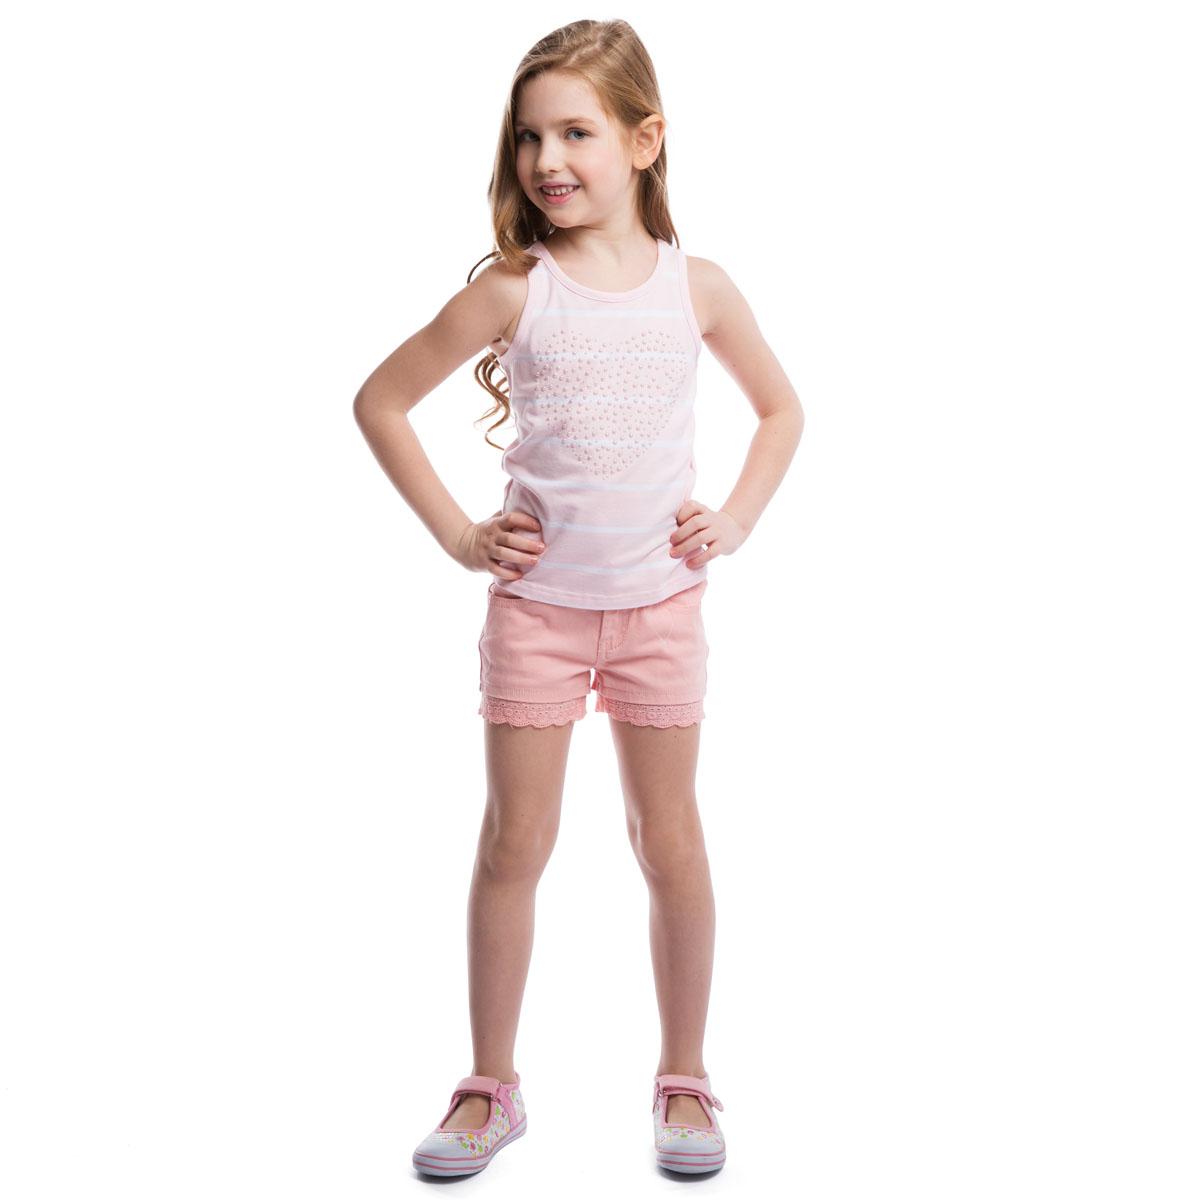 Шорты262006Модные шорты для девочки PlayToday идеально подойдут вашей маленькой принцессе. Изготовленные из эластичного хлопка, они мягкие и приятные на ощупь, не сковывают движения и позволяют коже дышать. Шорты застегиваются на поясе на металлическую кнопку и имеют ширинку на застежке-молнии, а также шлевки для ремня. При необходимости пояс можно утянуть скрытой резинкой на пуговках. У модели спереди два втачных кармана и сзади два накладных кармана. Изделие декорировано кружевными вставками. В таких шортах ваша принцесса будет чувствовать себя комфортно и всегда будет в центре внимания!